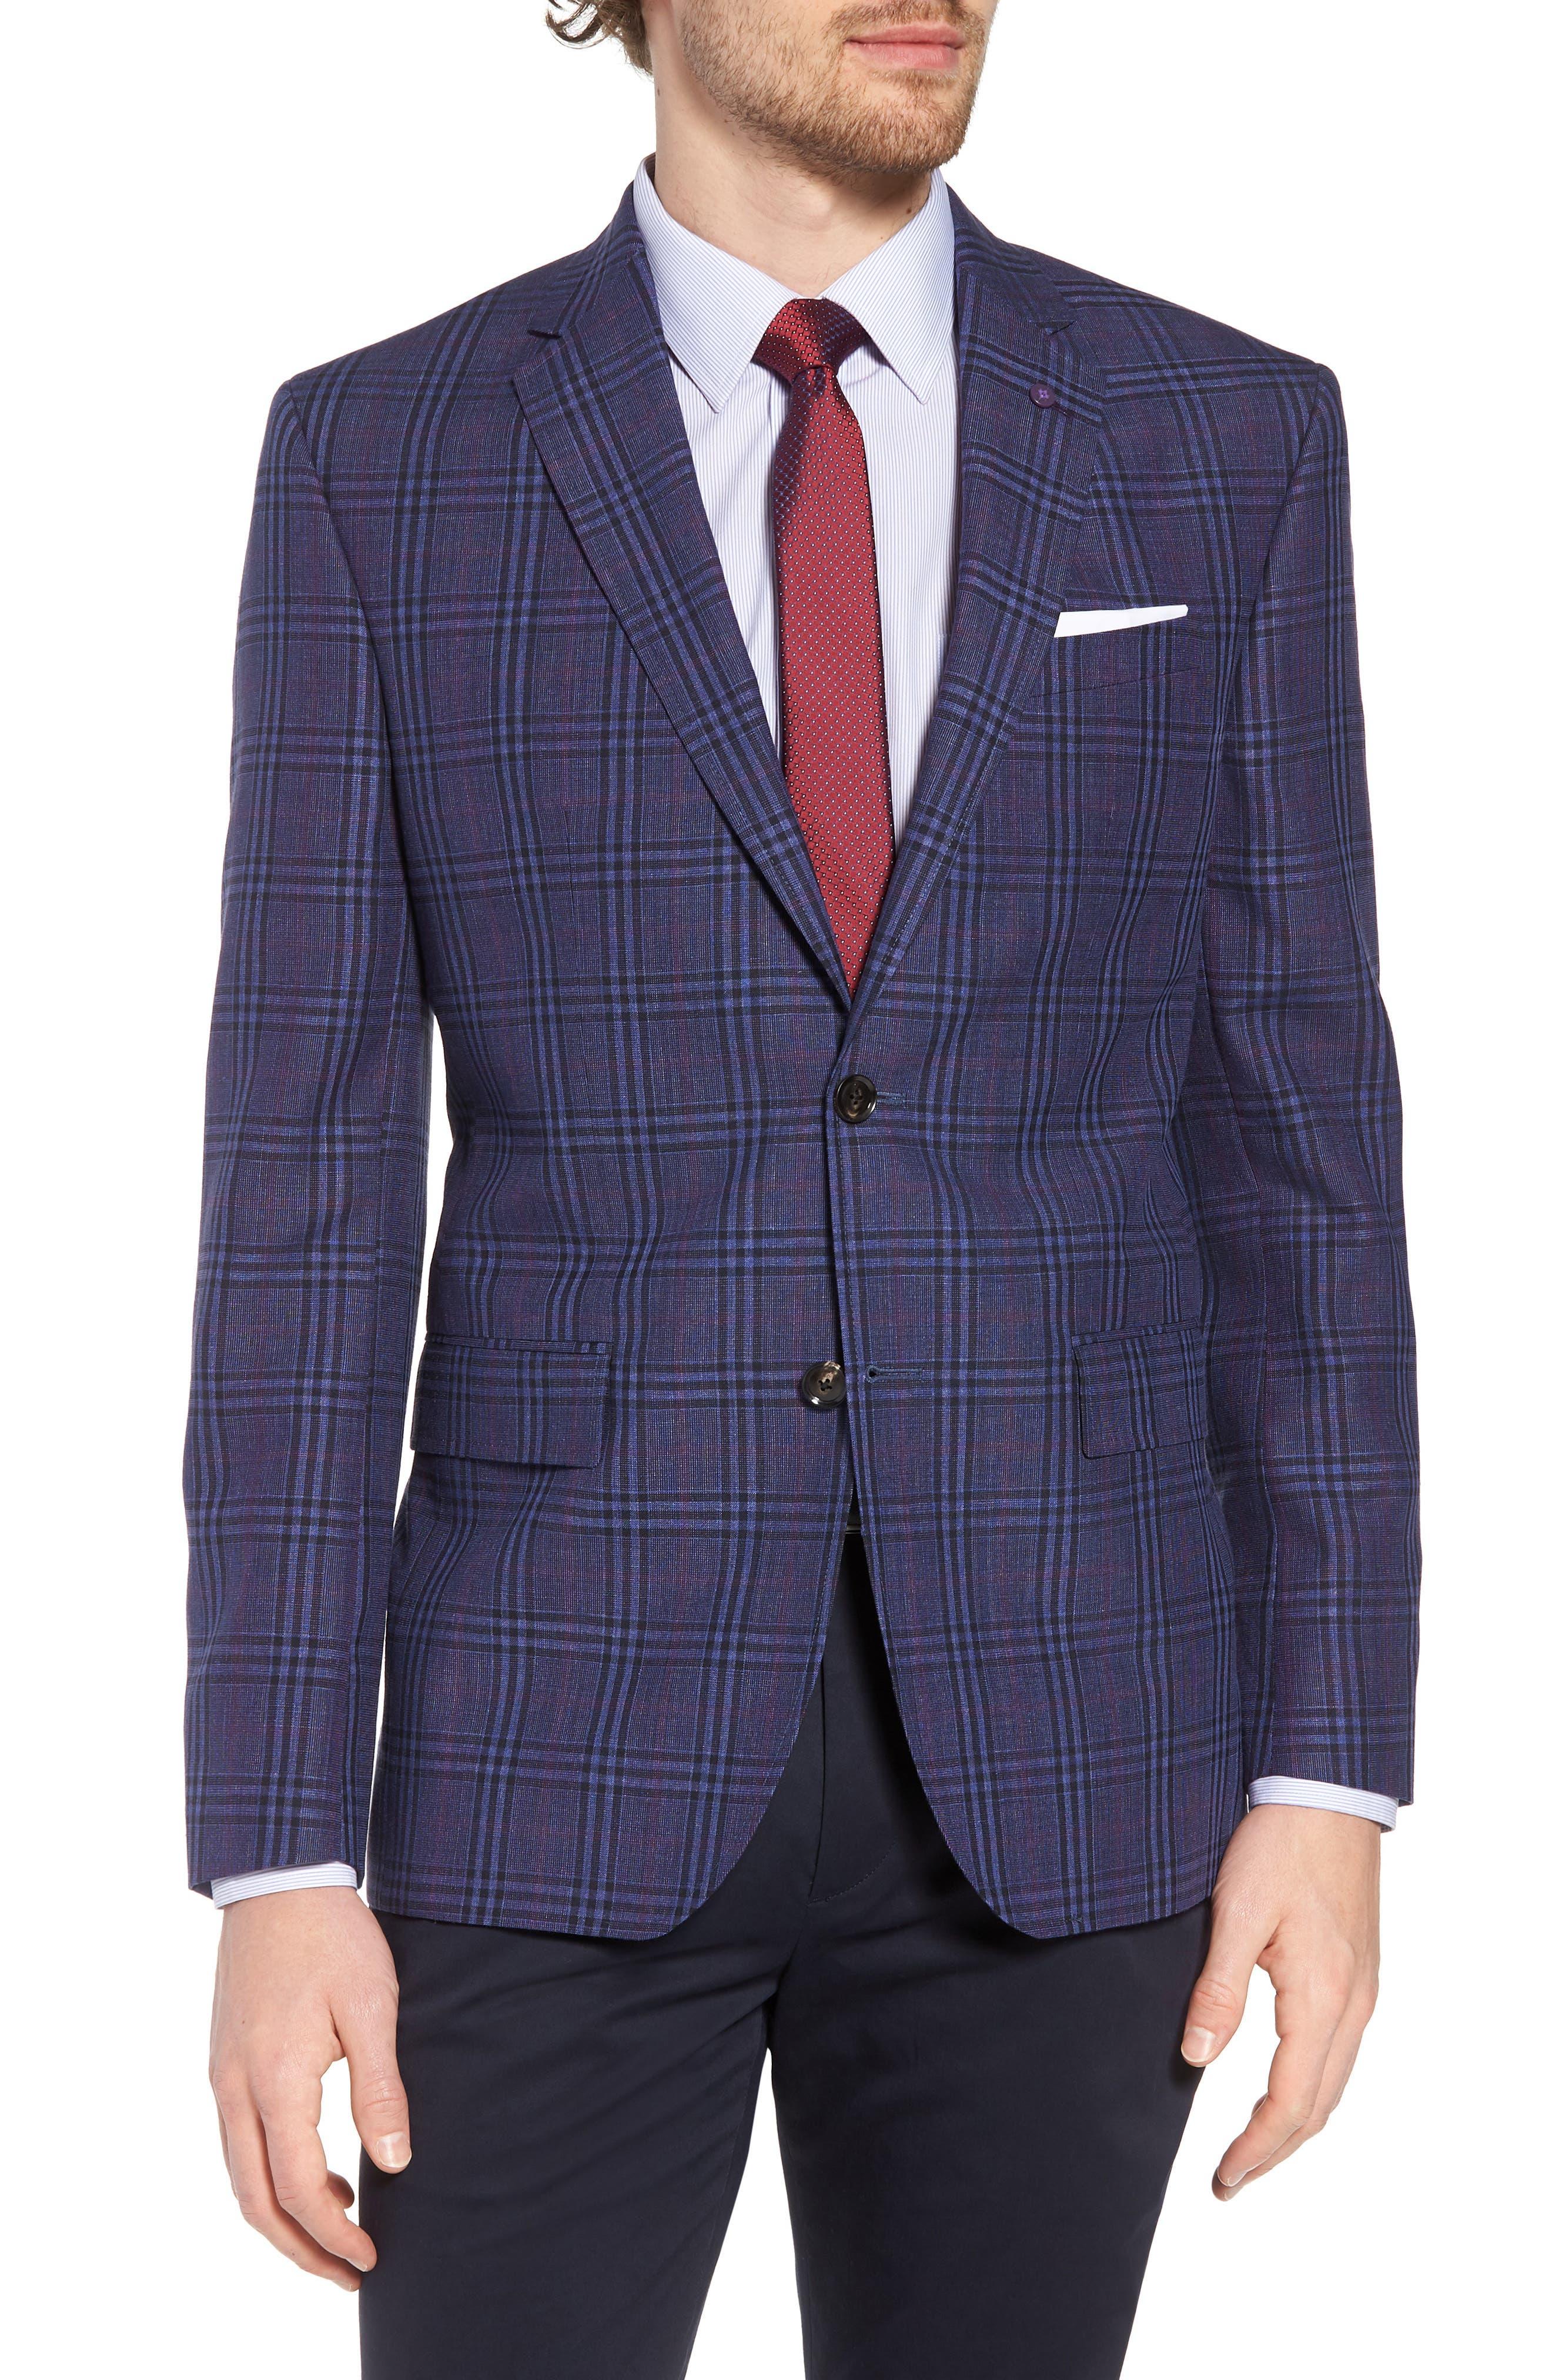 Jay Trim Fit Plaid Wool & Linen Sport Coat,                         Main,                         color, 400